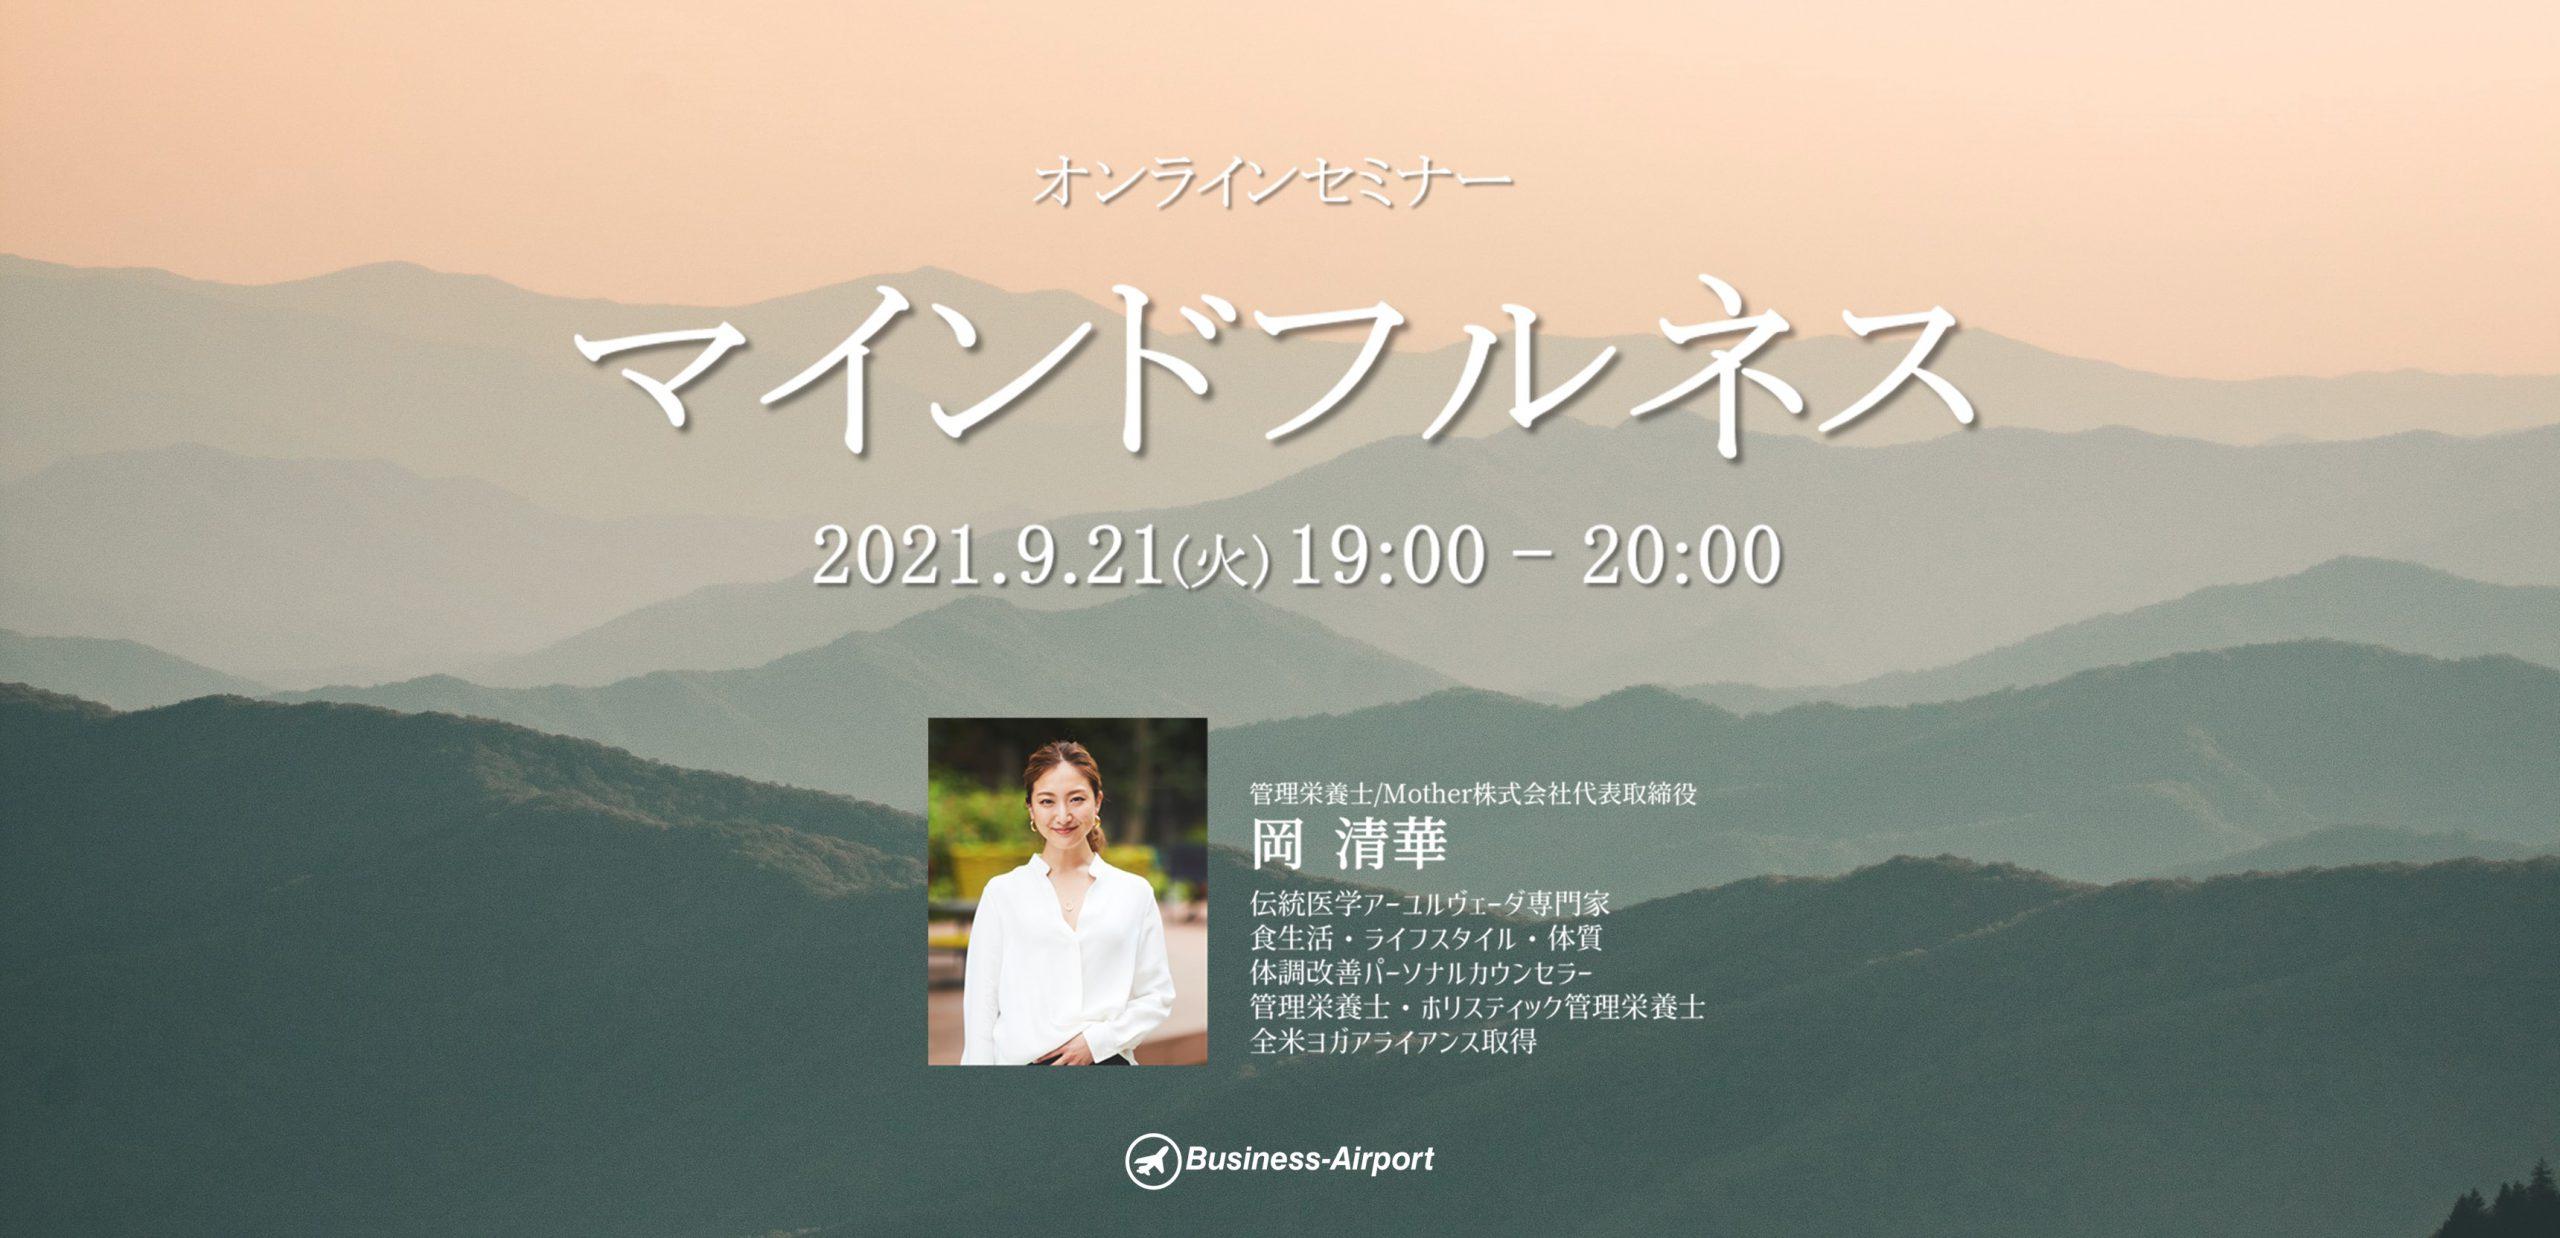 【オンラインセミナー】マインドフルネス